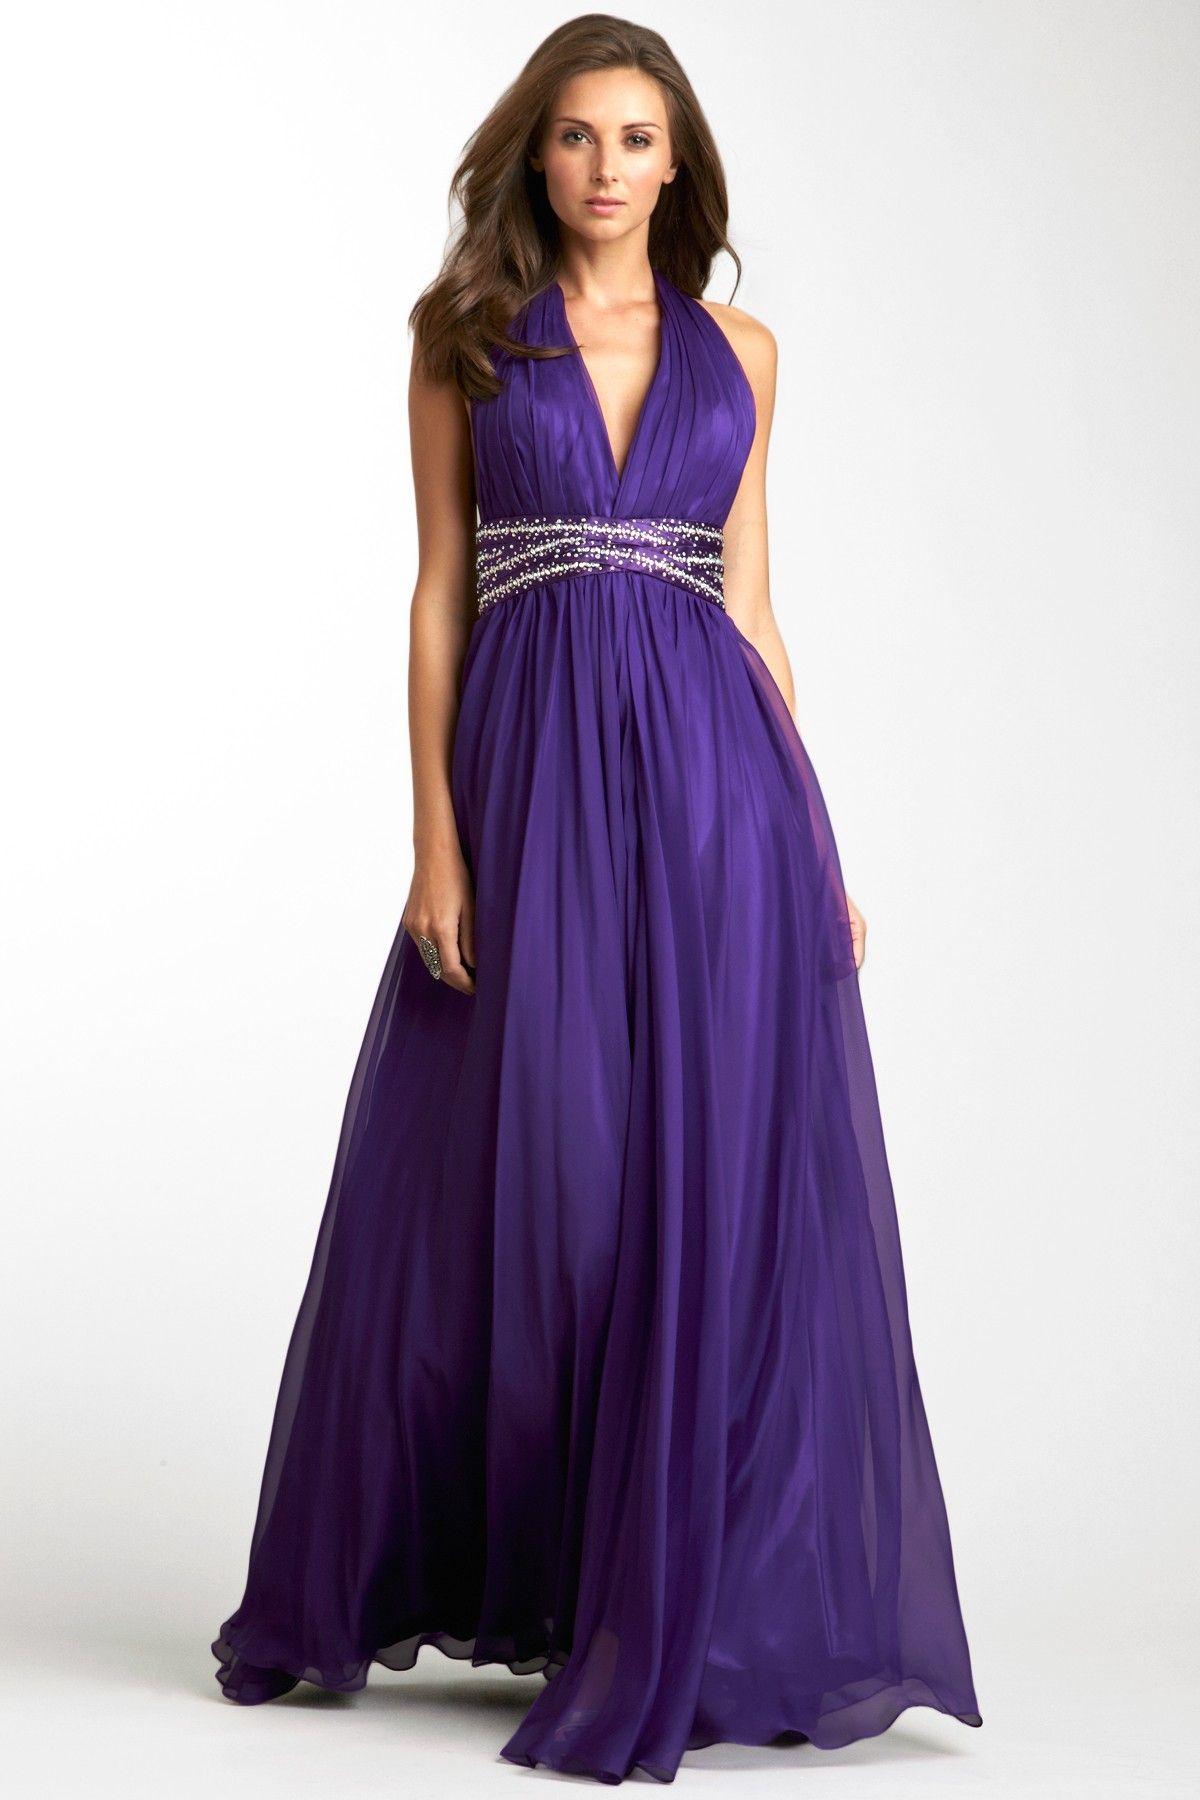 Pleated Goddess Gown on HauteLook | Absolutely Love It | Pinterest ...